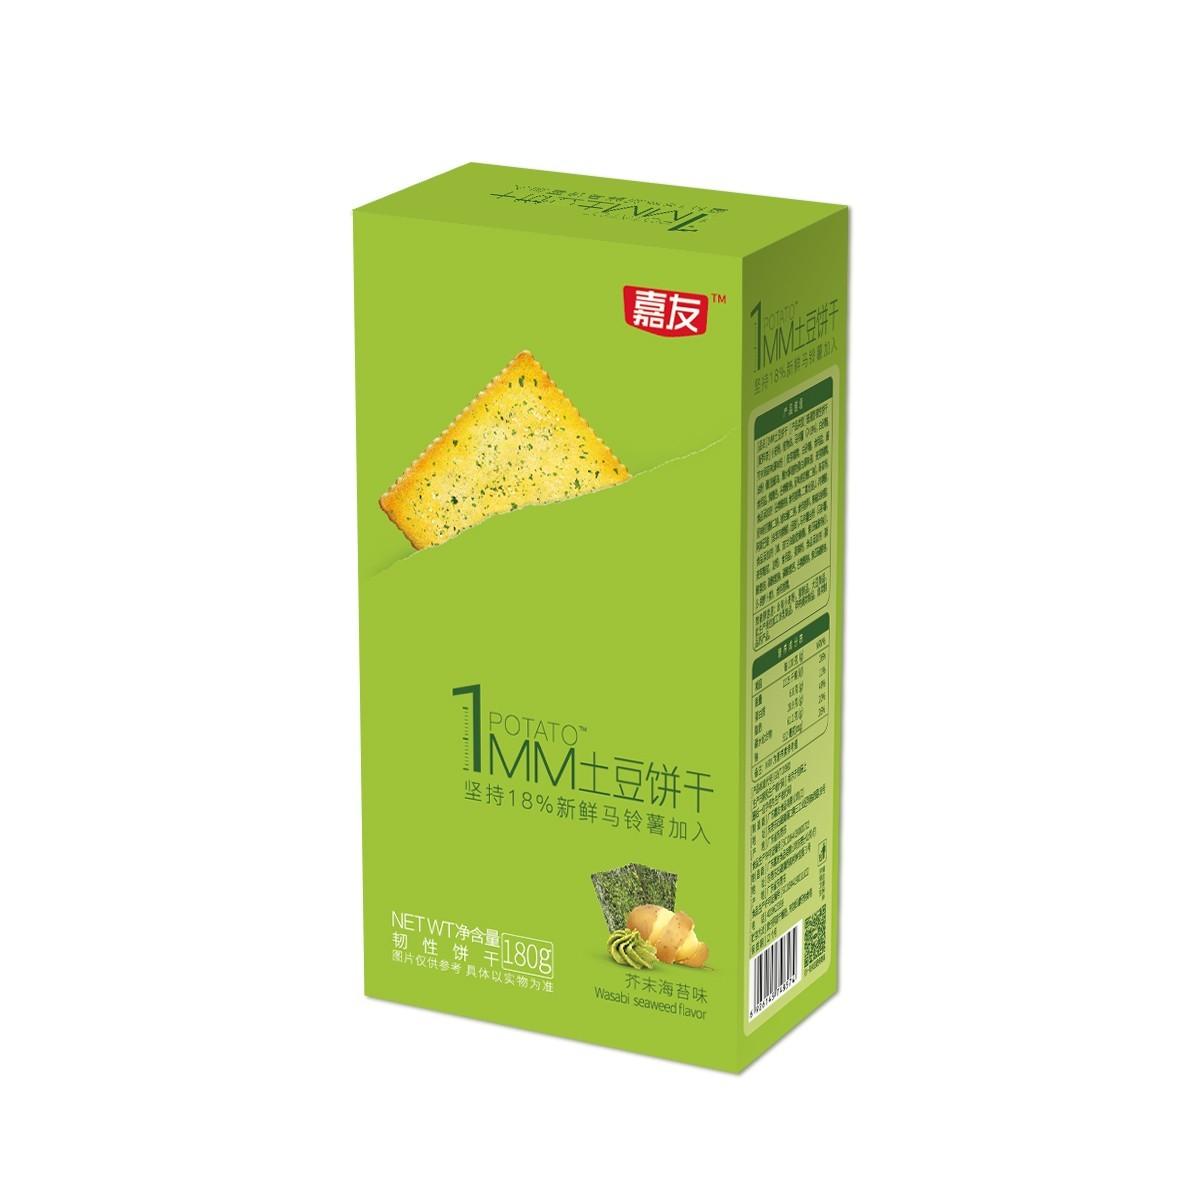 1MM薄饼芥末海苔味